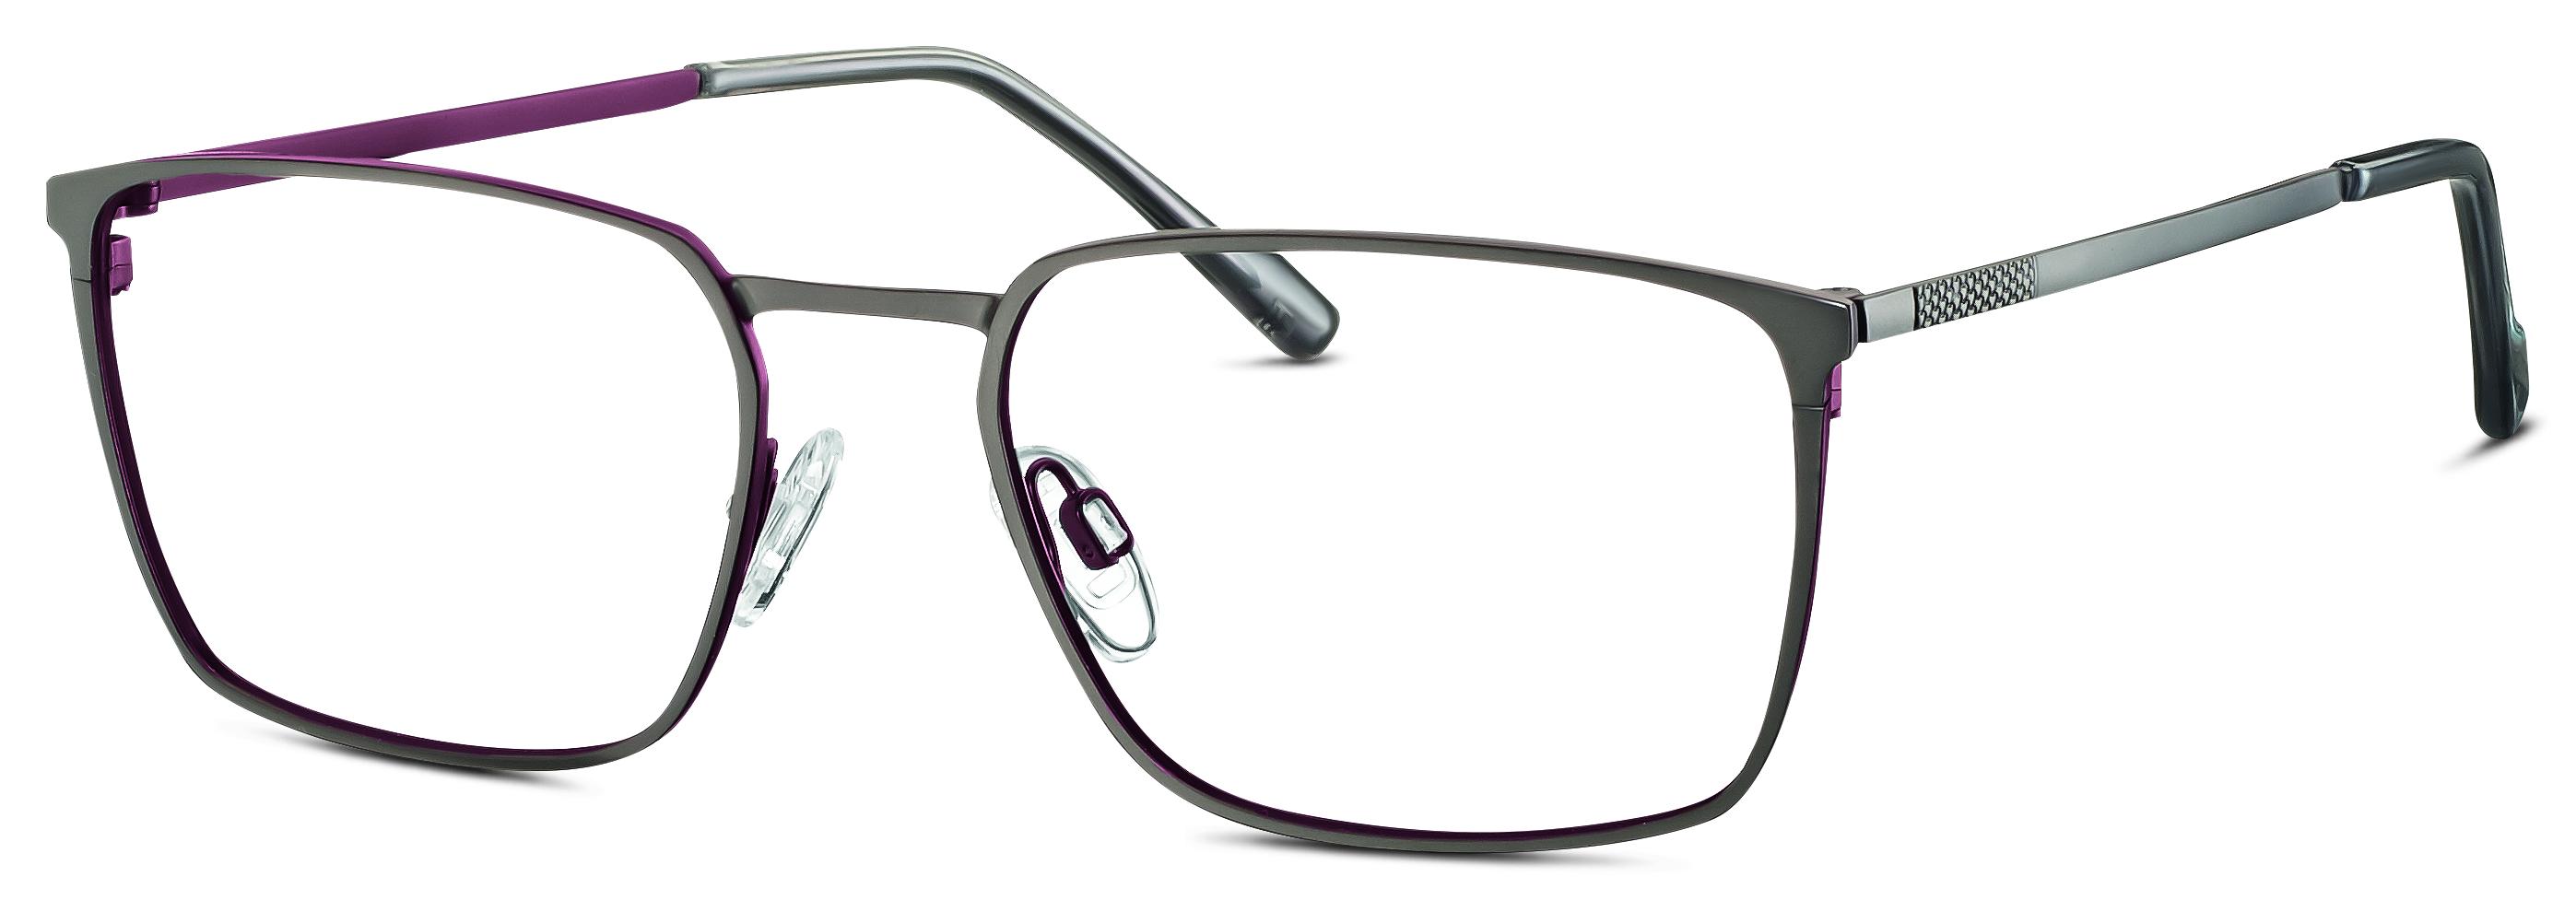 TITANflex Brille 820835 30